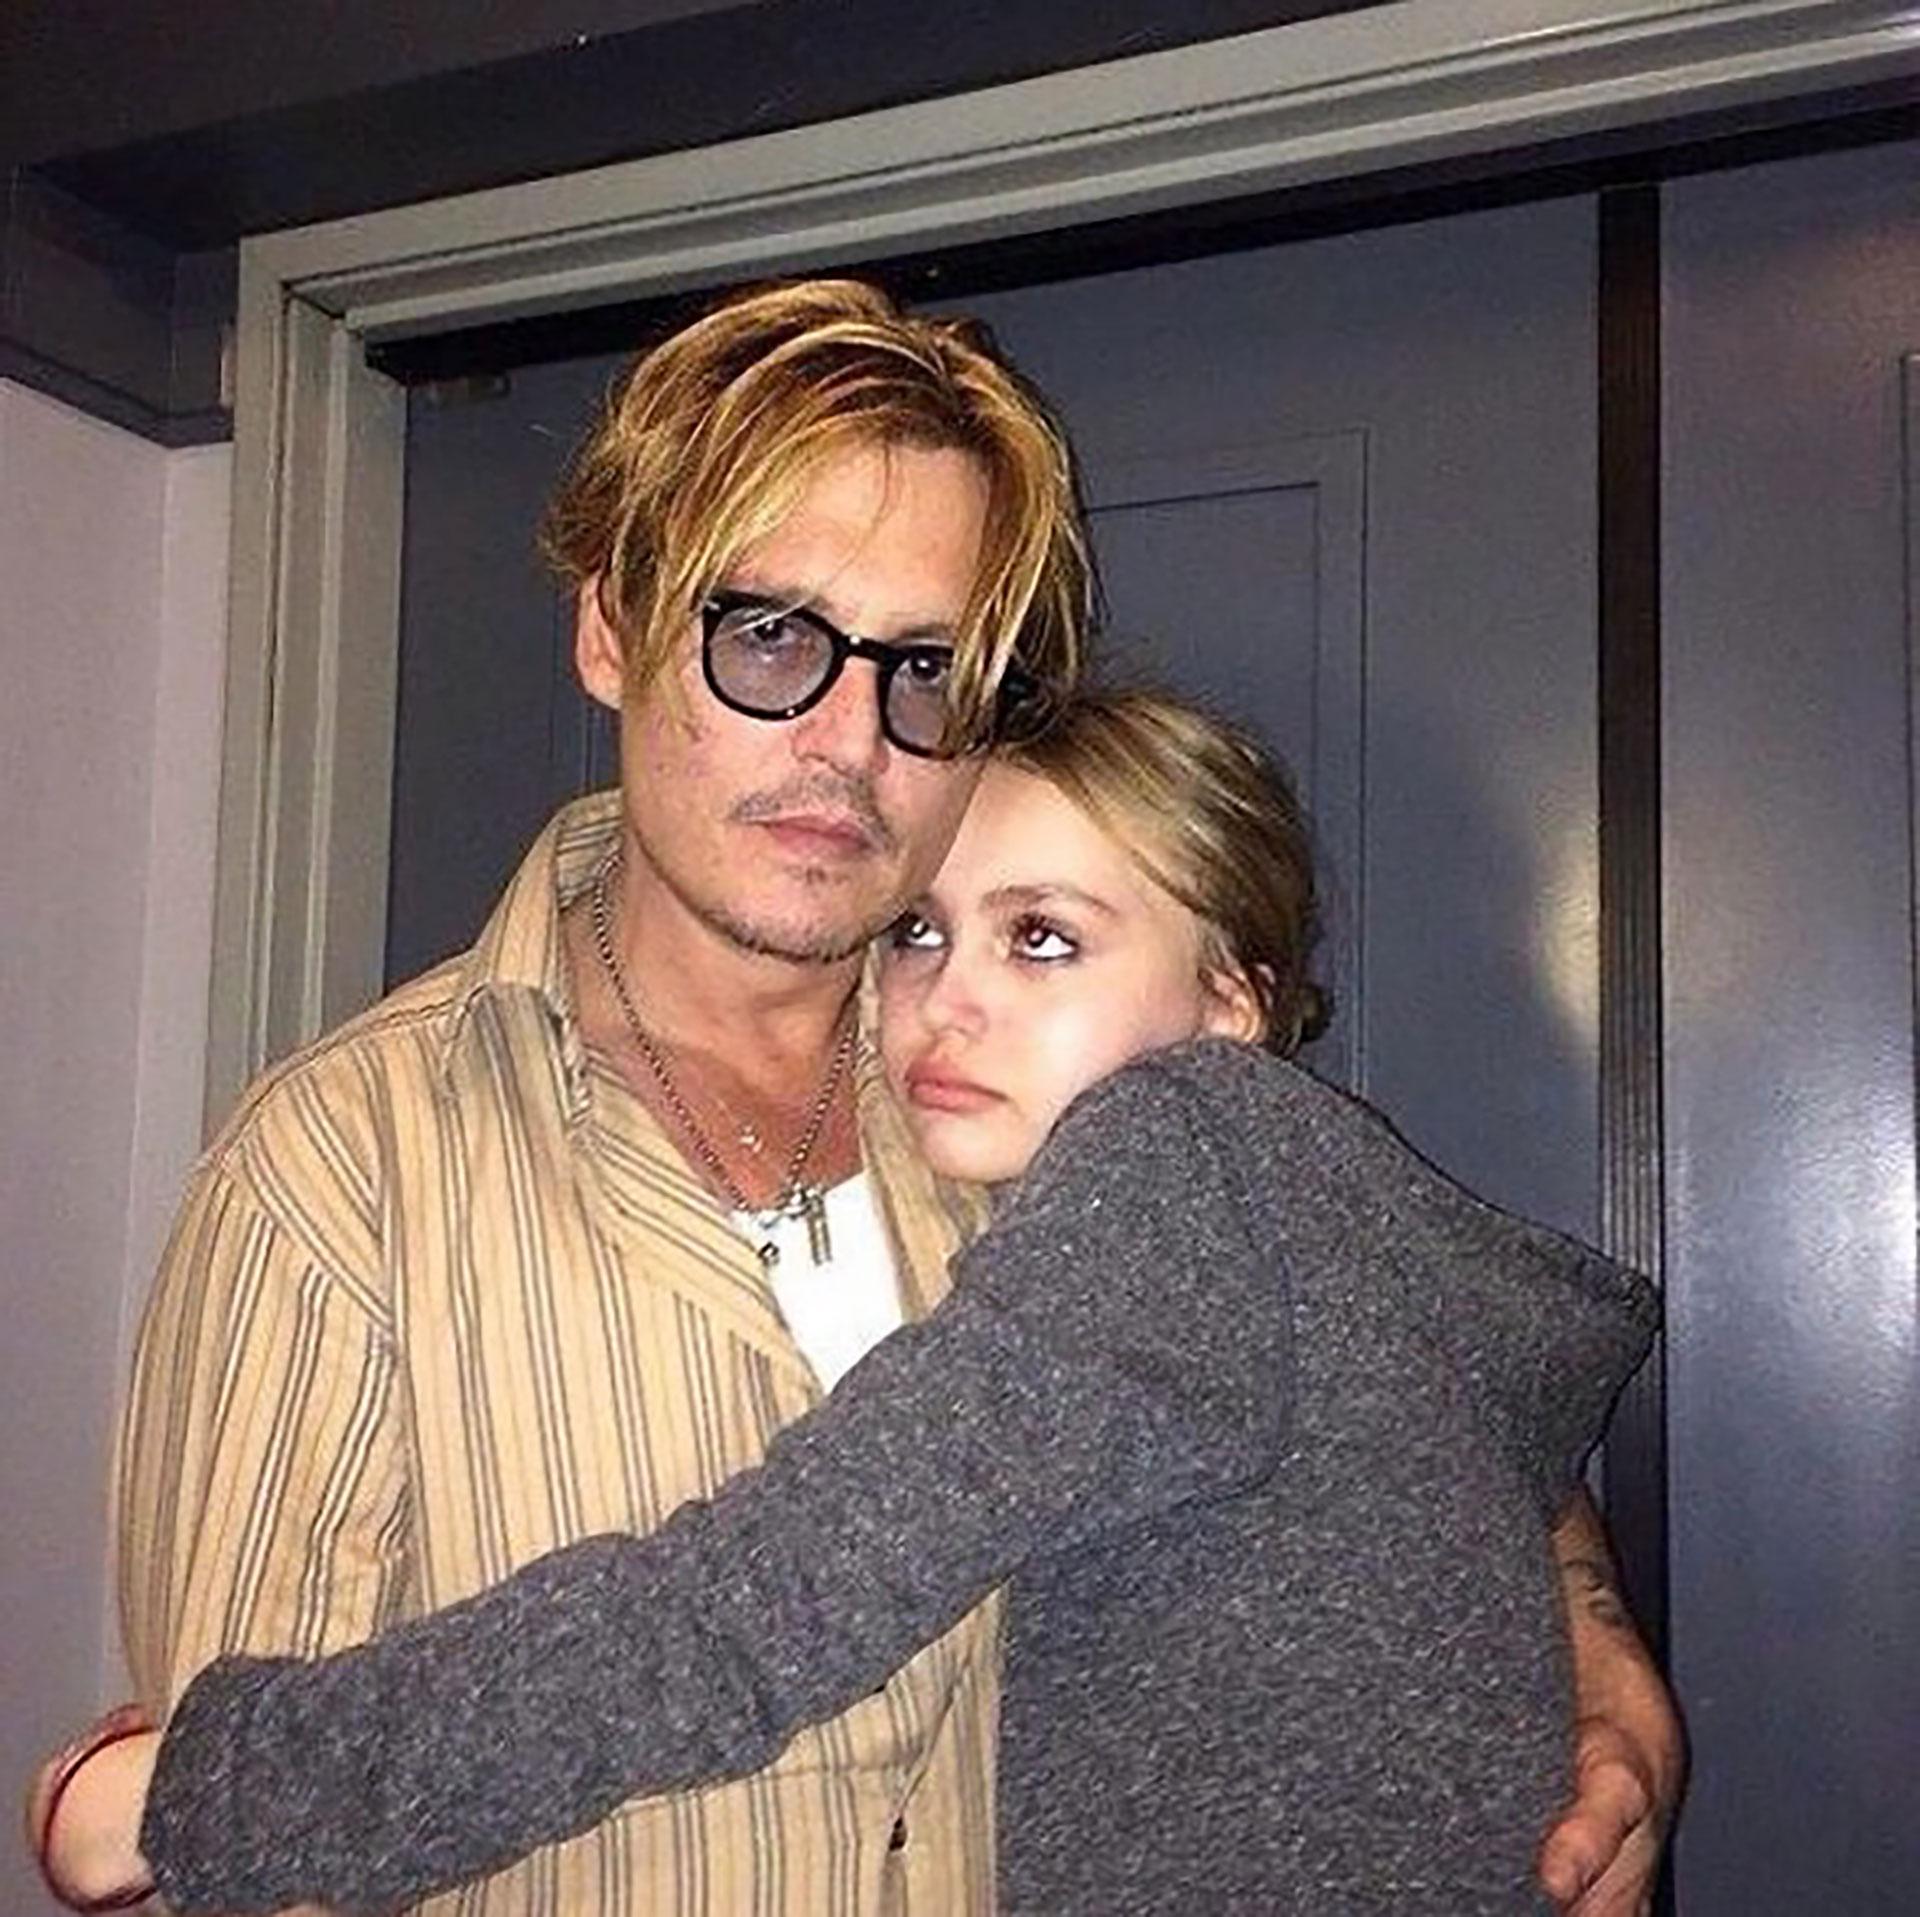 Una tierna imagen con su papá Johnny Depp